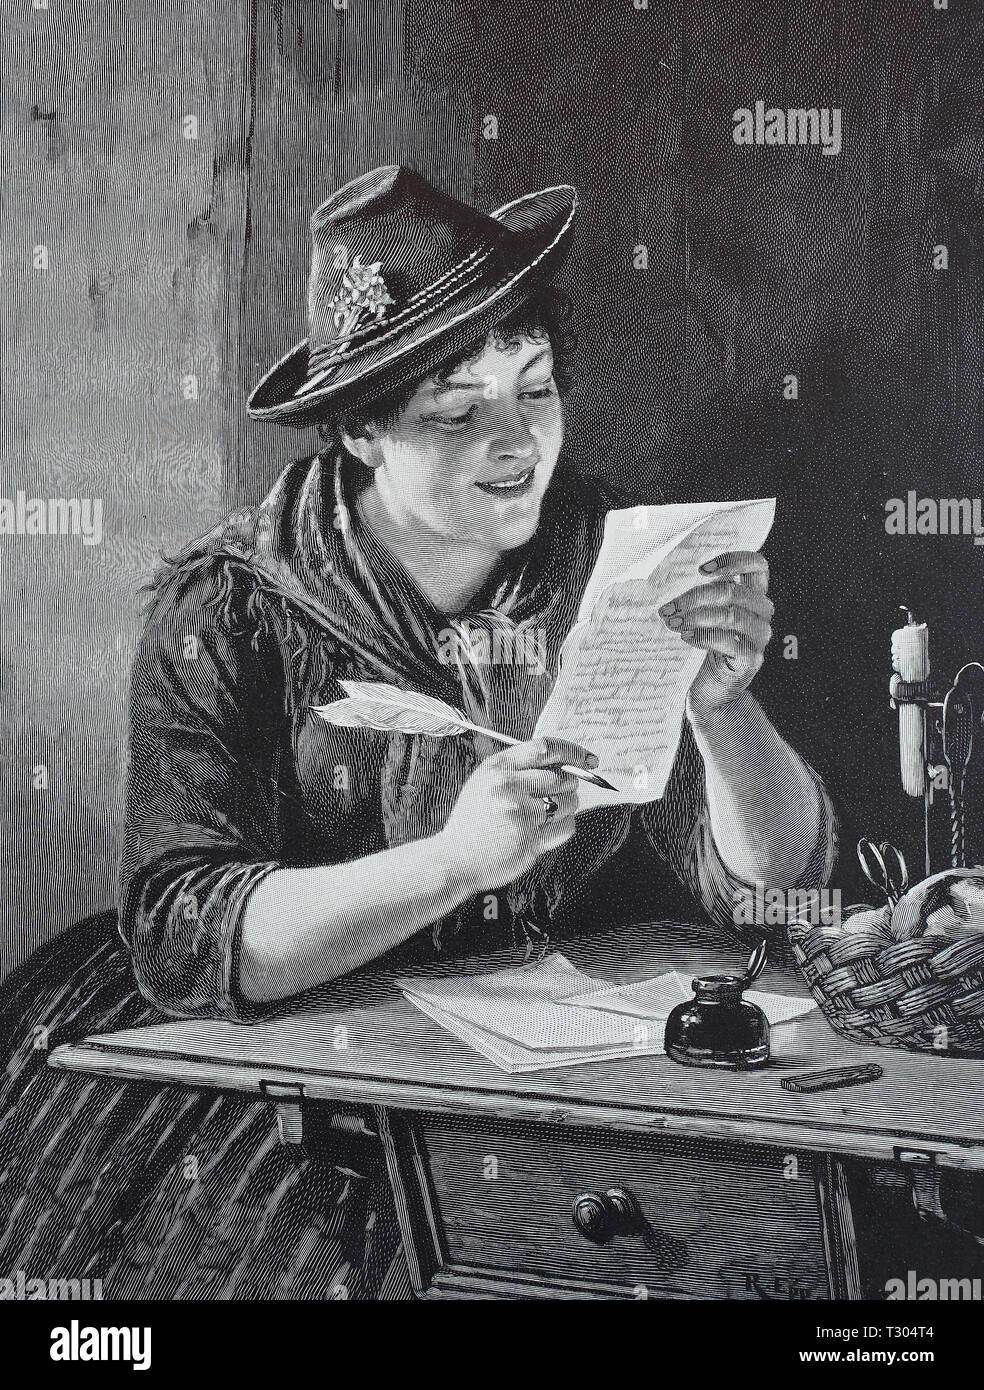 Digital improved reproduction, To the treasure, painted from R. Epp, farmer has written a letter to her lover with the feather, An den Schatz, gemalt von R. Epp, Bäuerin hat mit der Feder einen Brief an ihren Geliebten geschrieben, from an original print from the 19th century - Stock Image